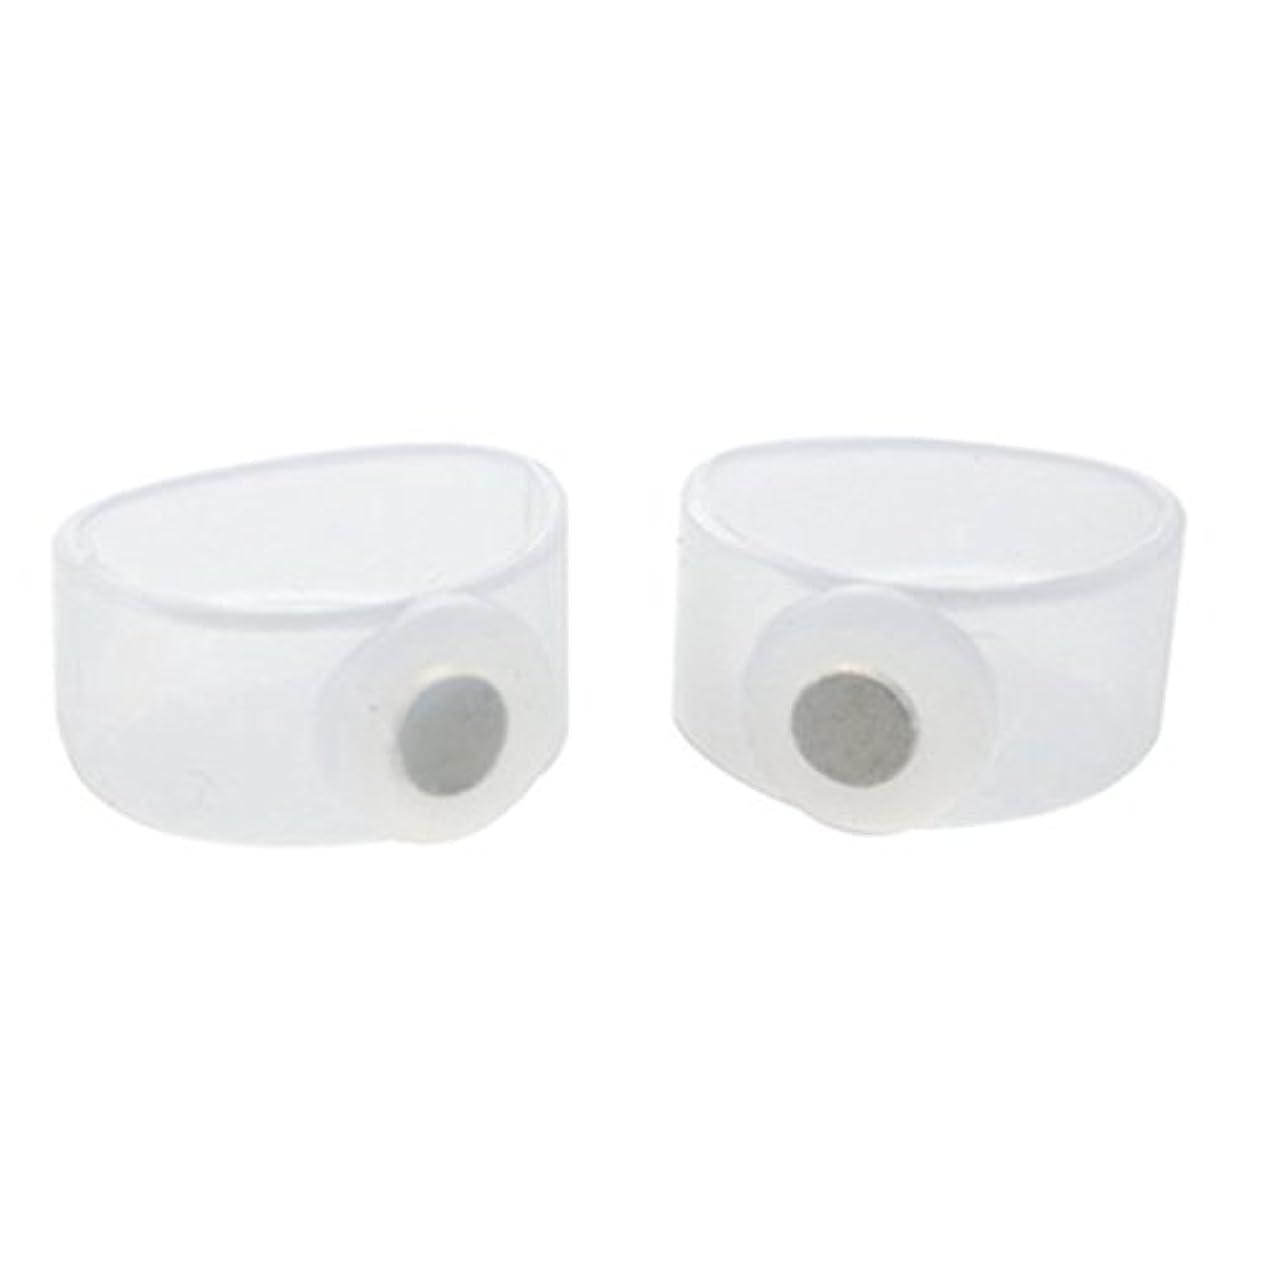 グリース効果的に乱れ2ピース痩身シリコン磁気フットマッサージャーマッサージリラックスつま先リング用減量ヘルスケアツール美容製品 - 透明